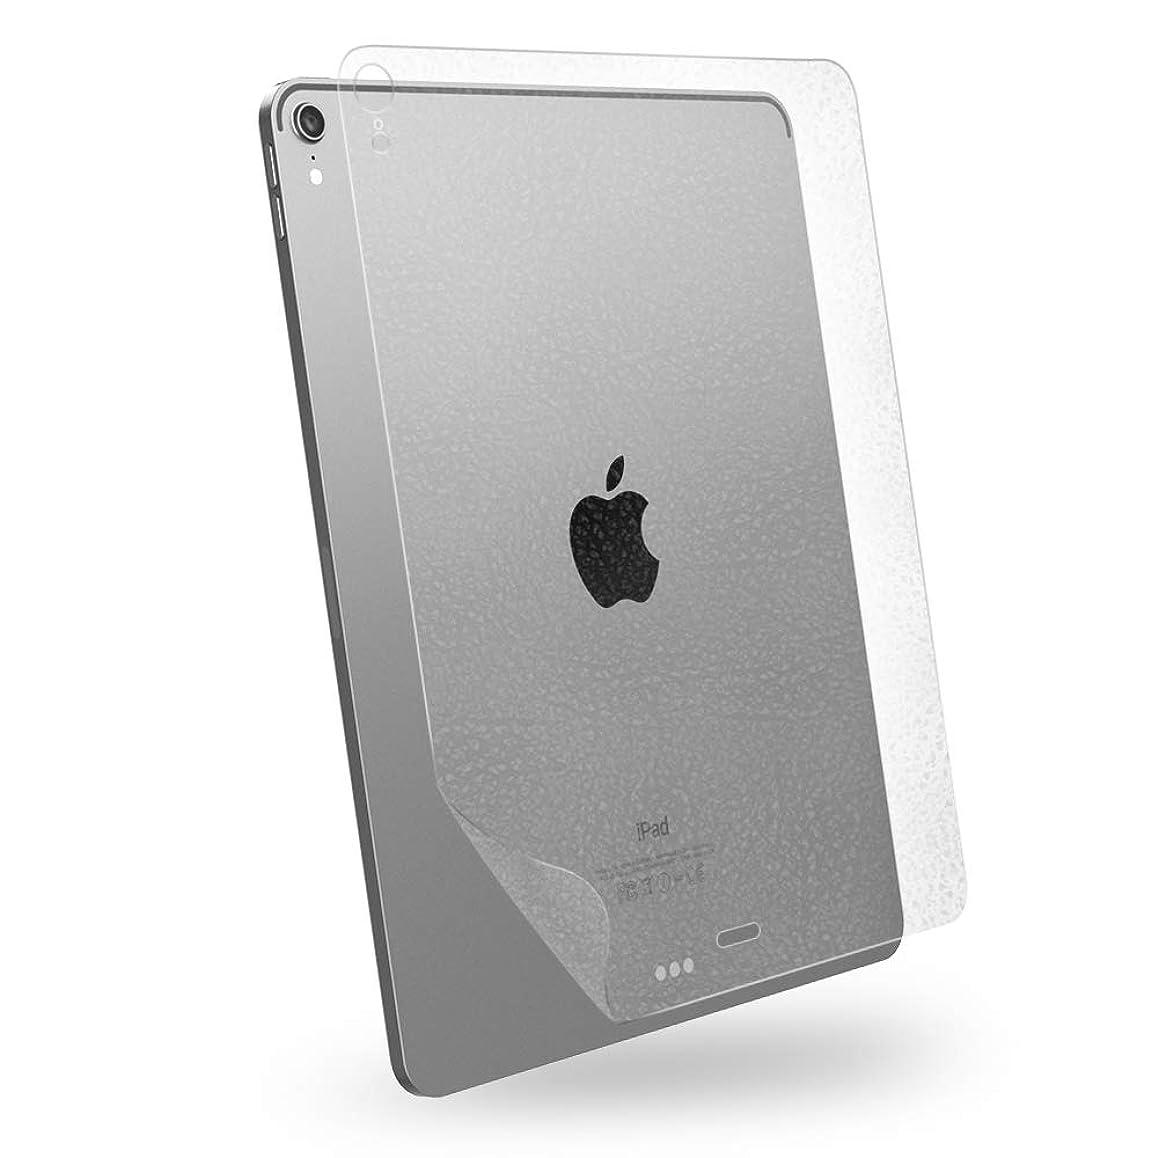 アンプガイダンスブロッサムiPad 12.9 背面保護フィルム 「3枚セット」フルサイズキーボードSmart Keyboard Folioと併用可 非光沢 接着剤を使わず、貼り直し可能 (ipad 12.9 インチ, 背面フィルム)